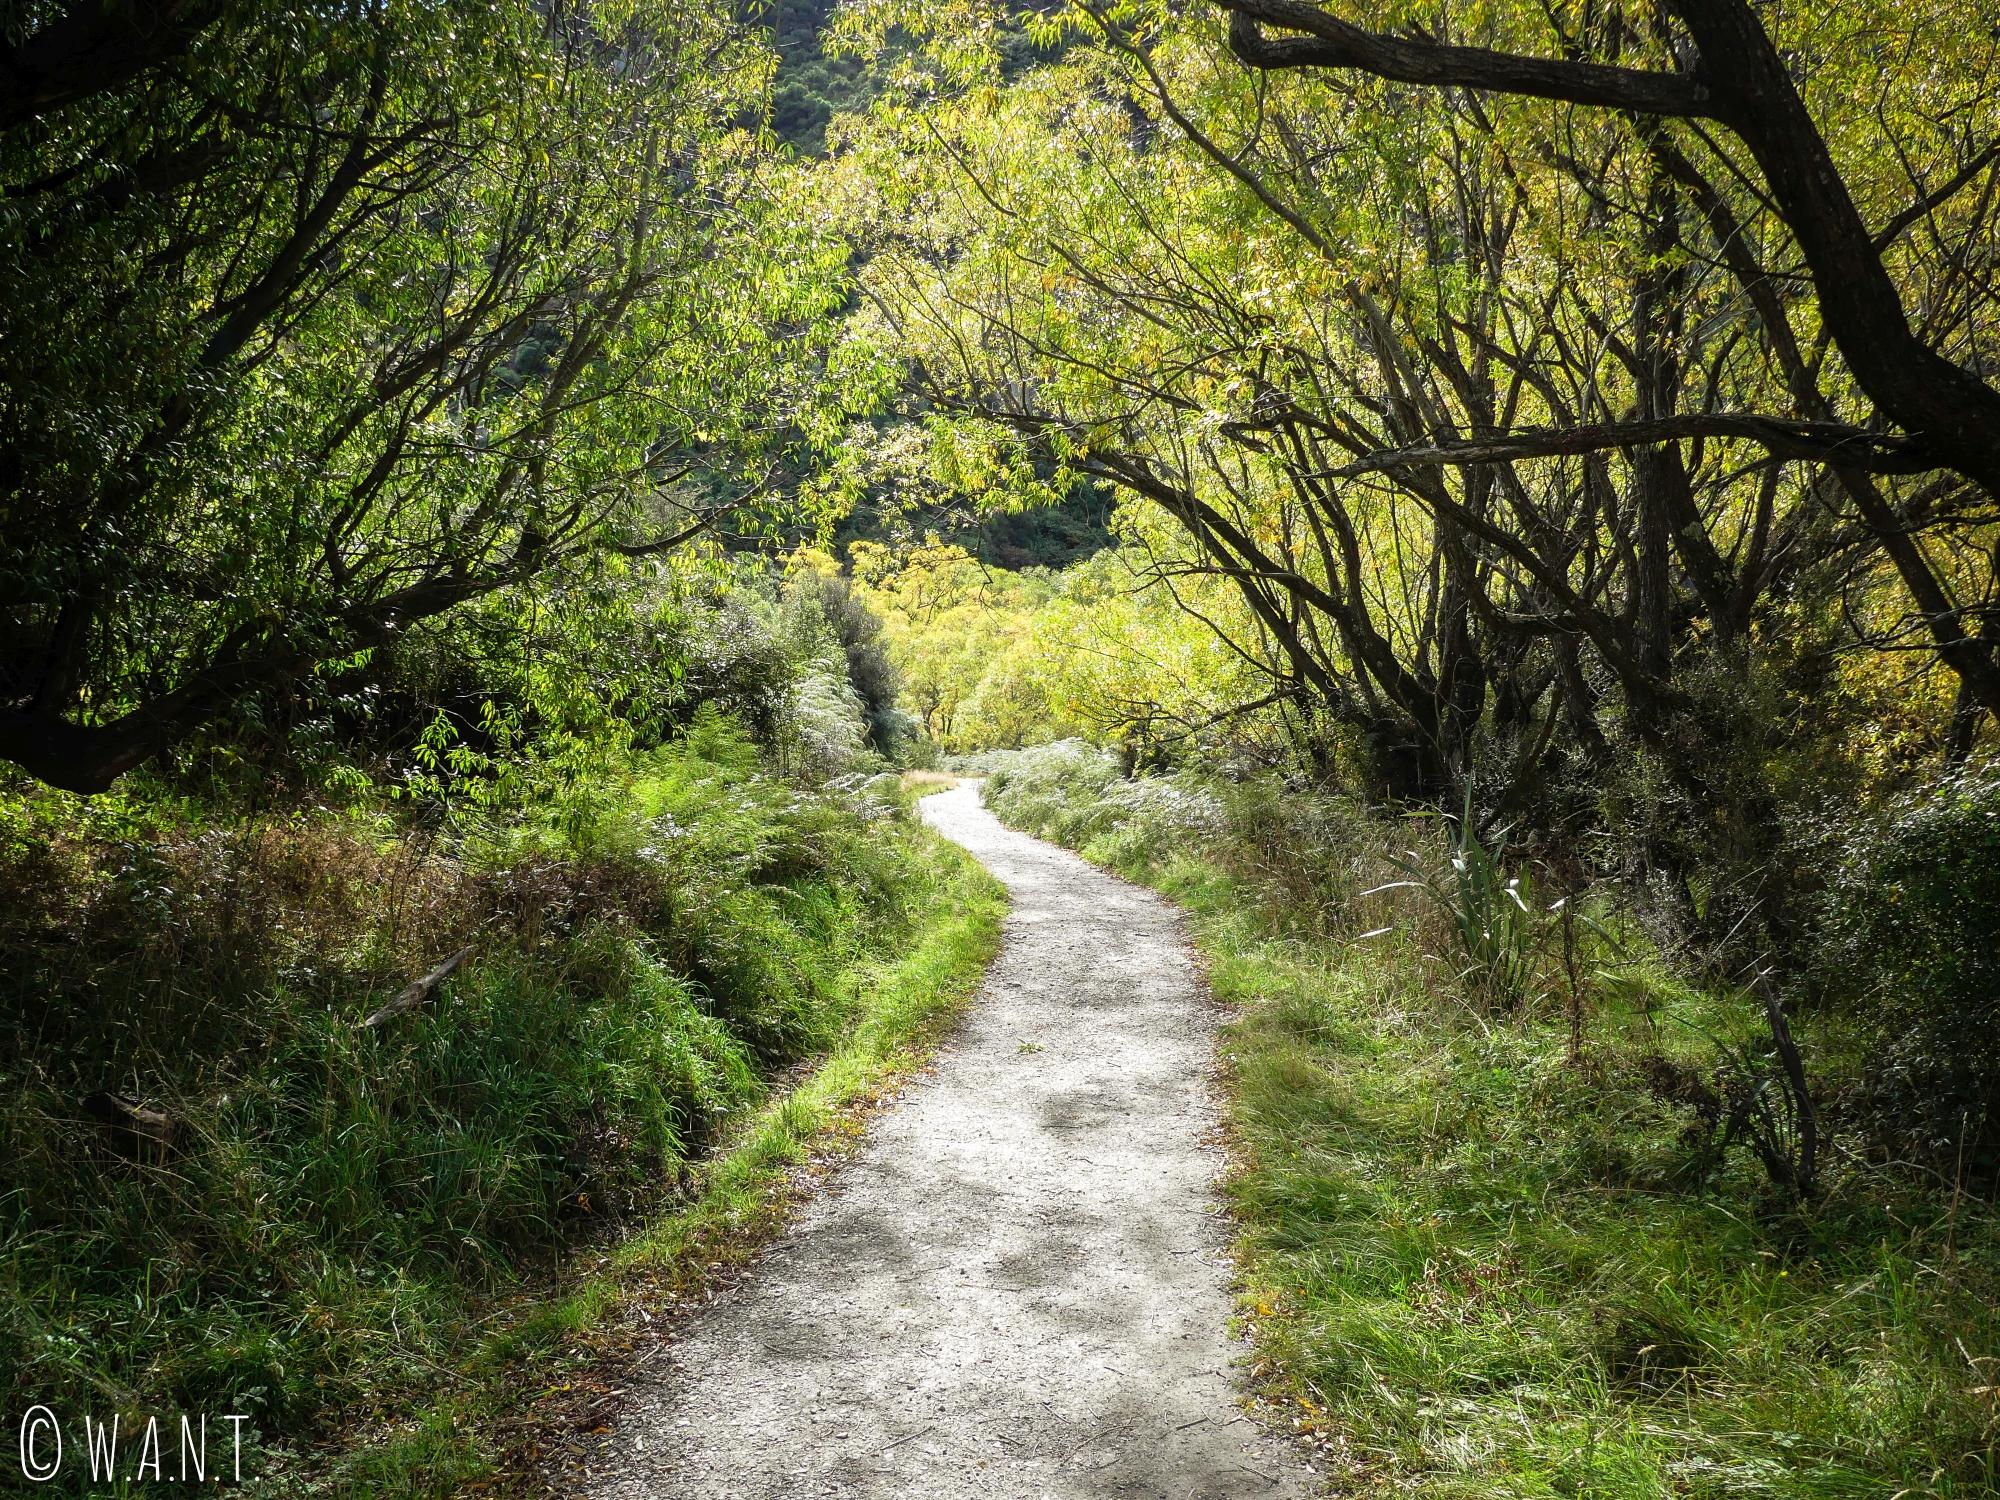 Sentier menant à la randonnée Diamond Lake près de Wanaka en Nouvelle-Zélande